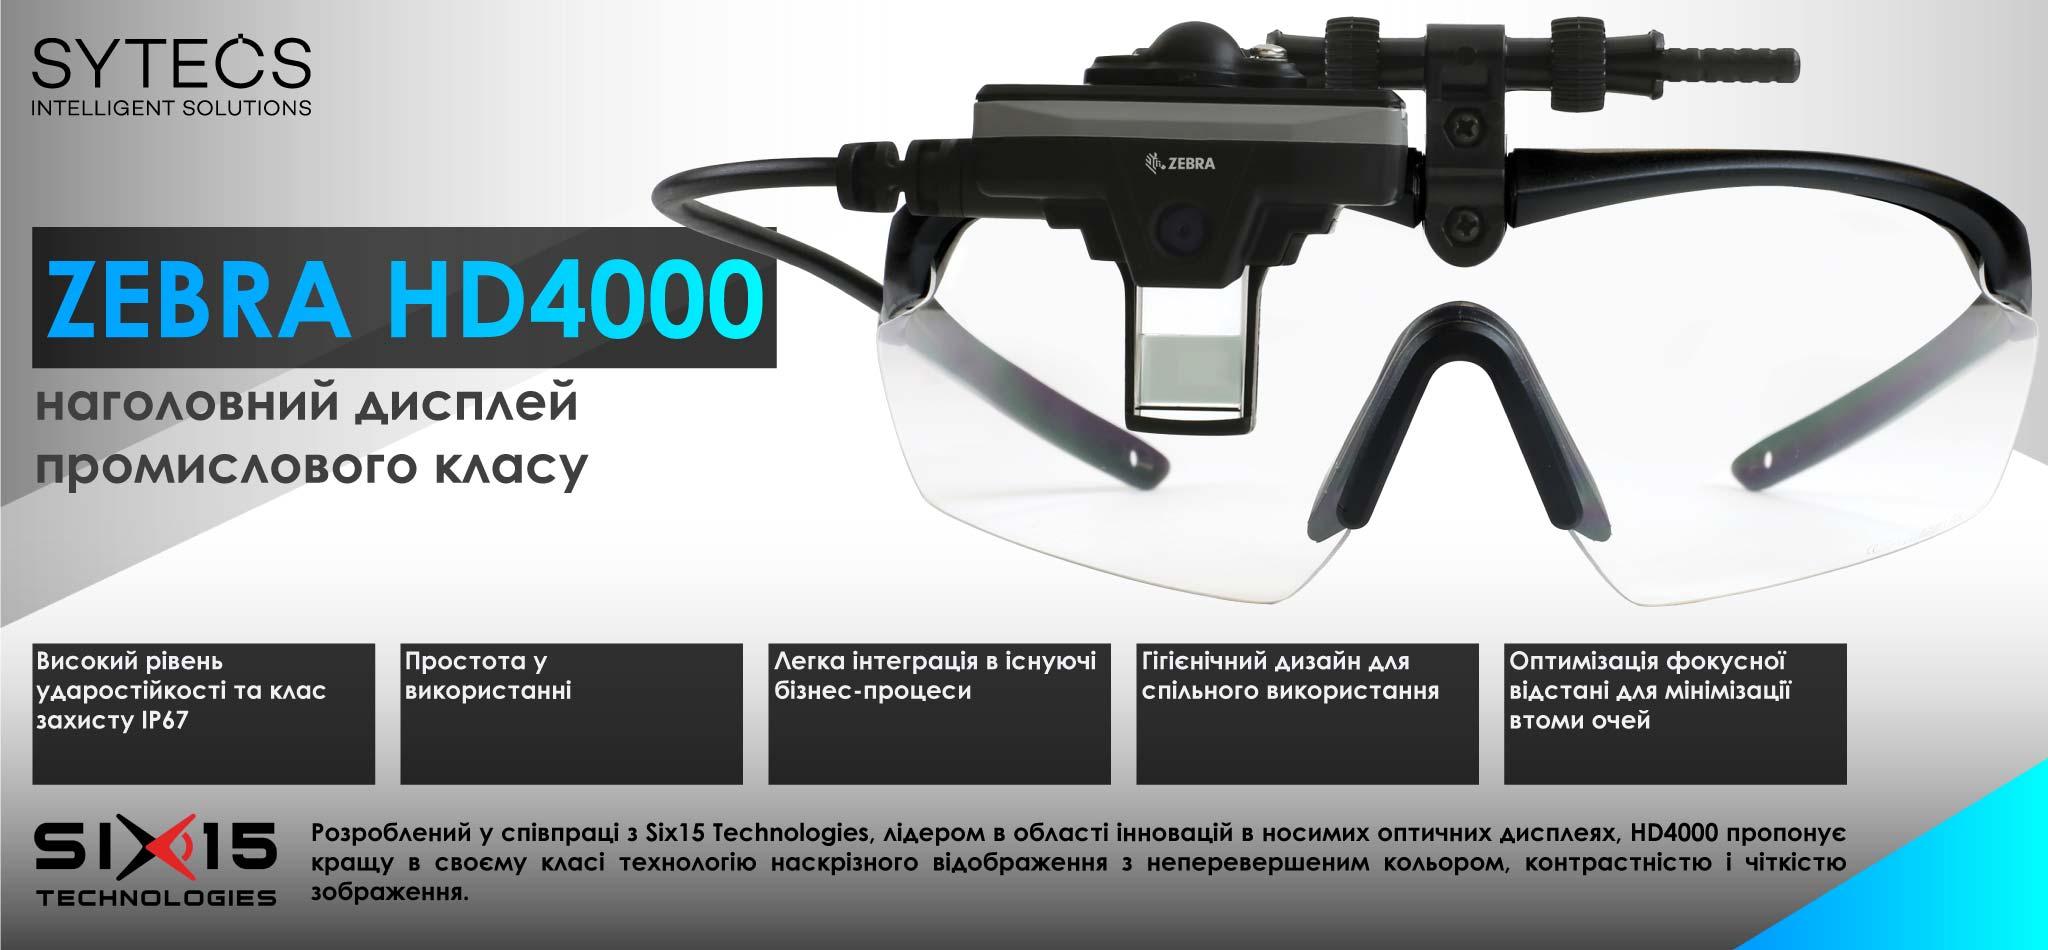 переваги-Zebra-HD4000